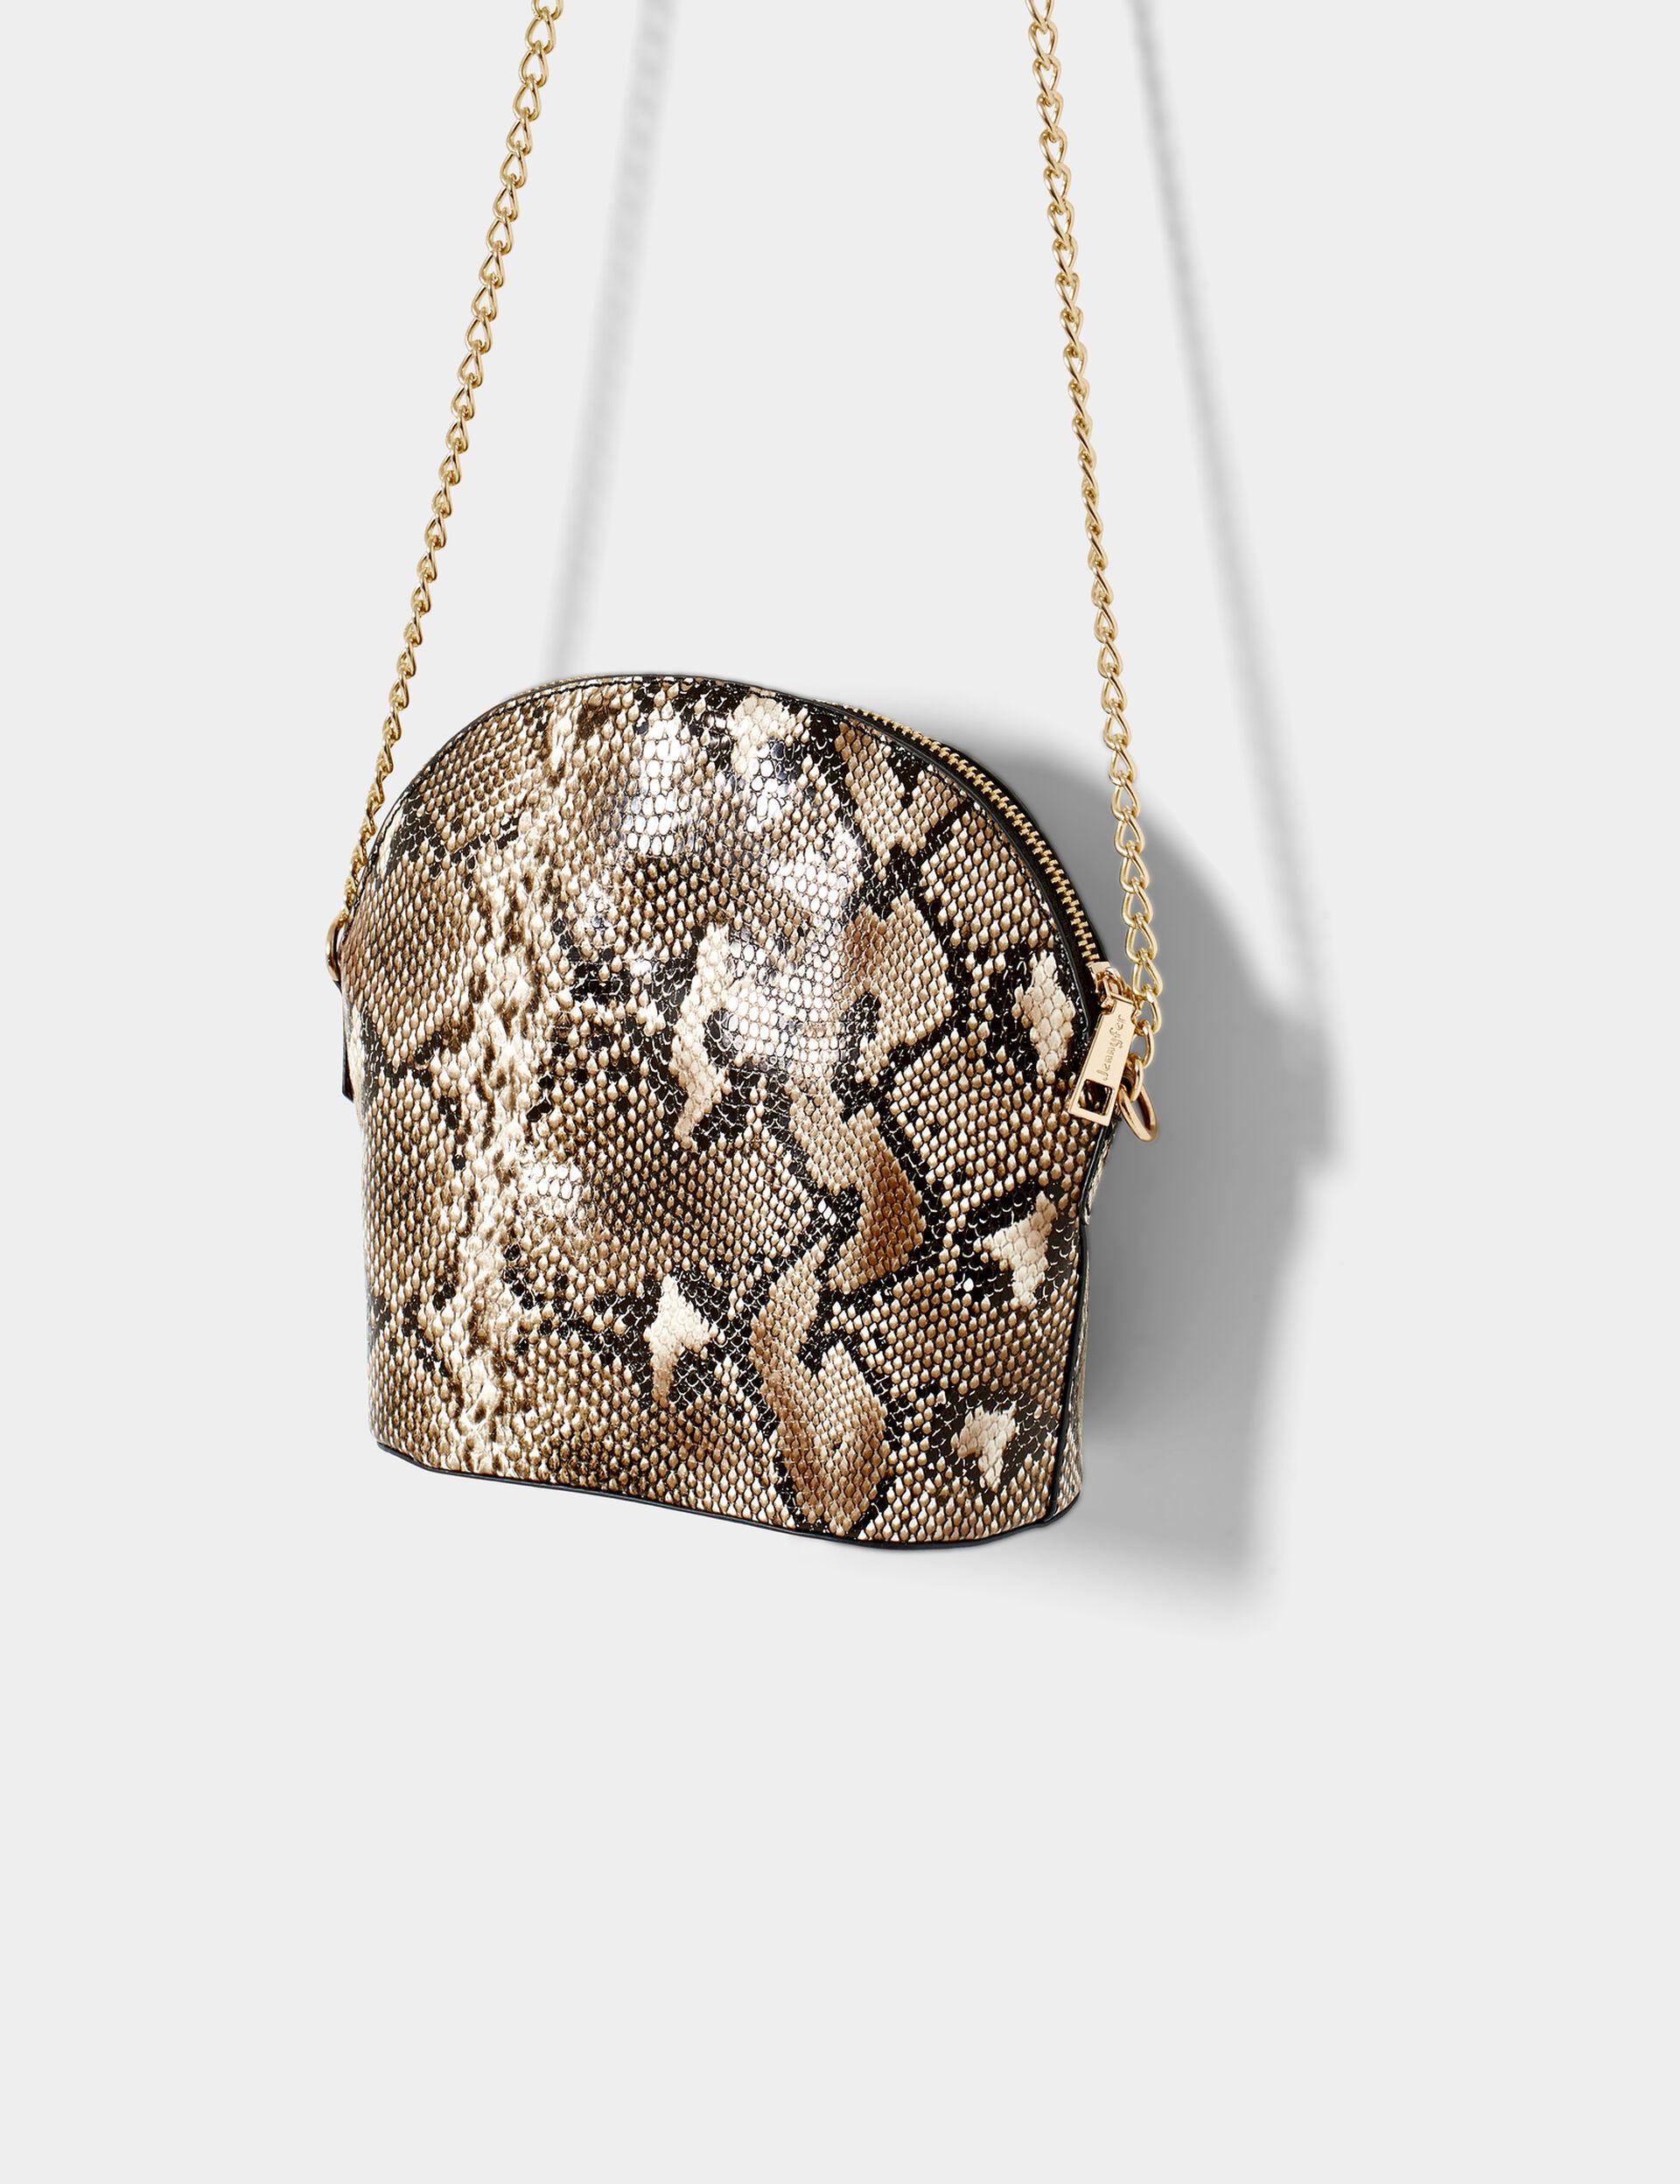 Faux-python skin bag